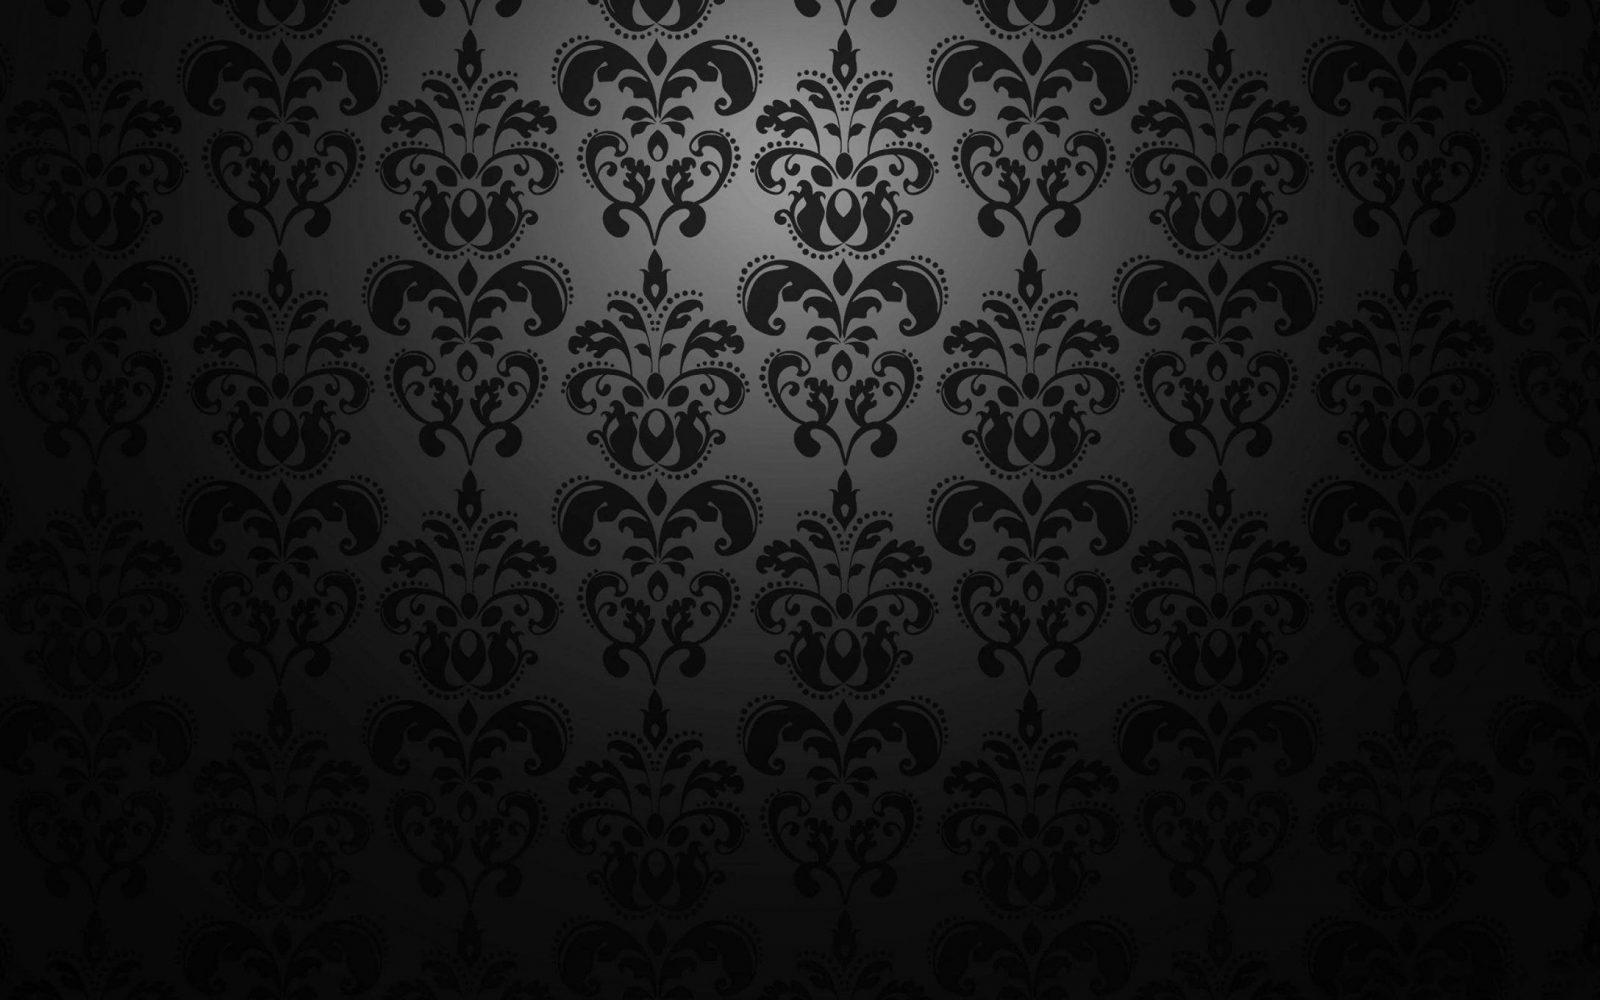 dunkle schwarze muster tapete hd von schwarze tapete mit muster photo haus design ideen. Black Bedroom Furniture Sets. Home Design Ideas